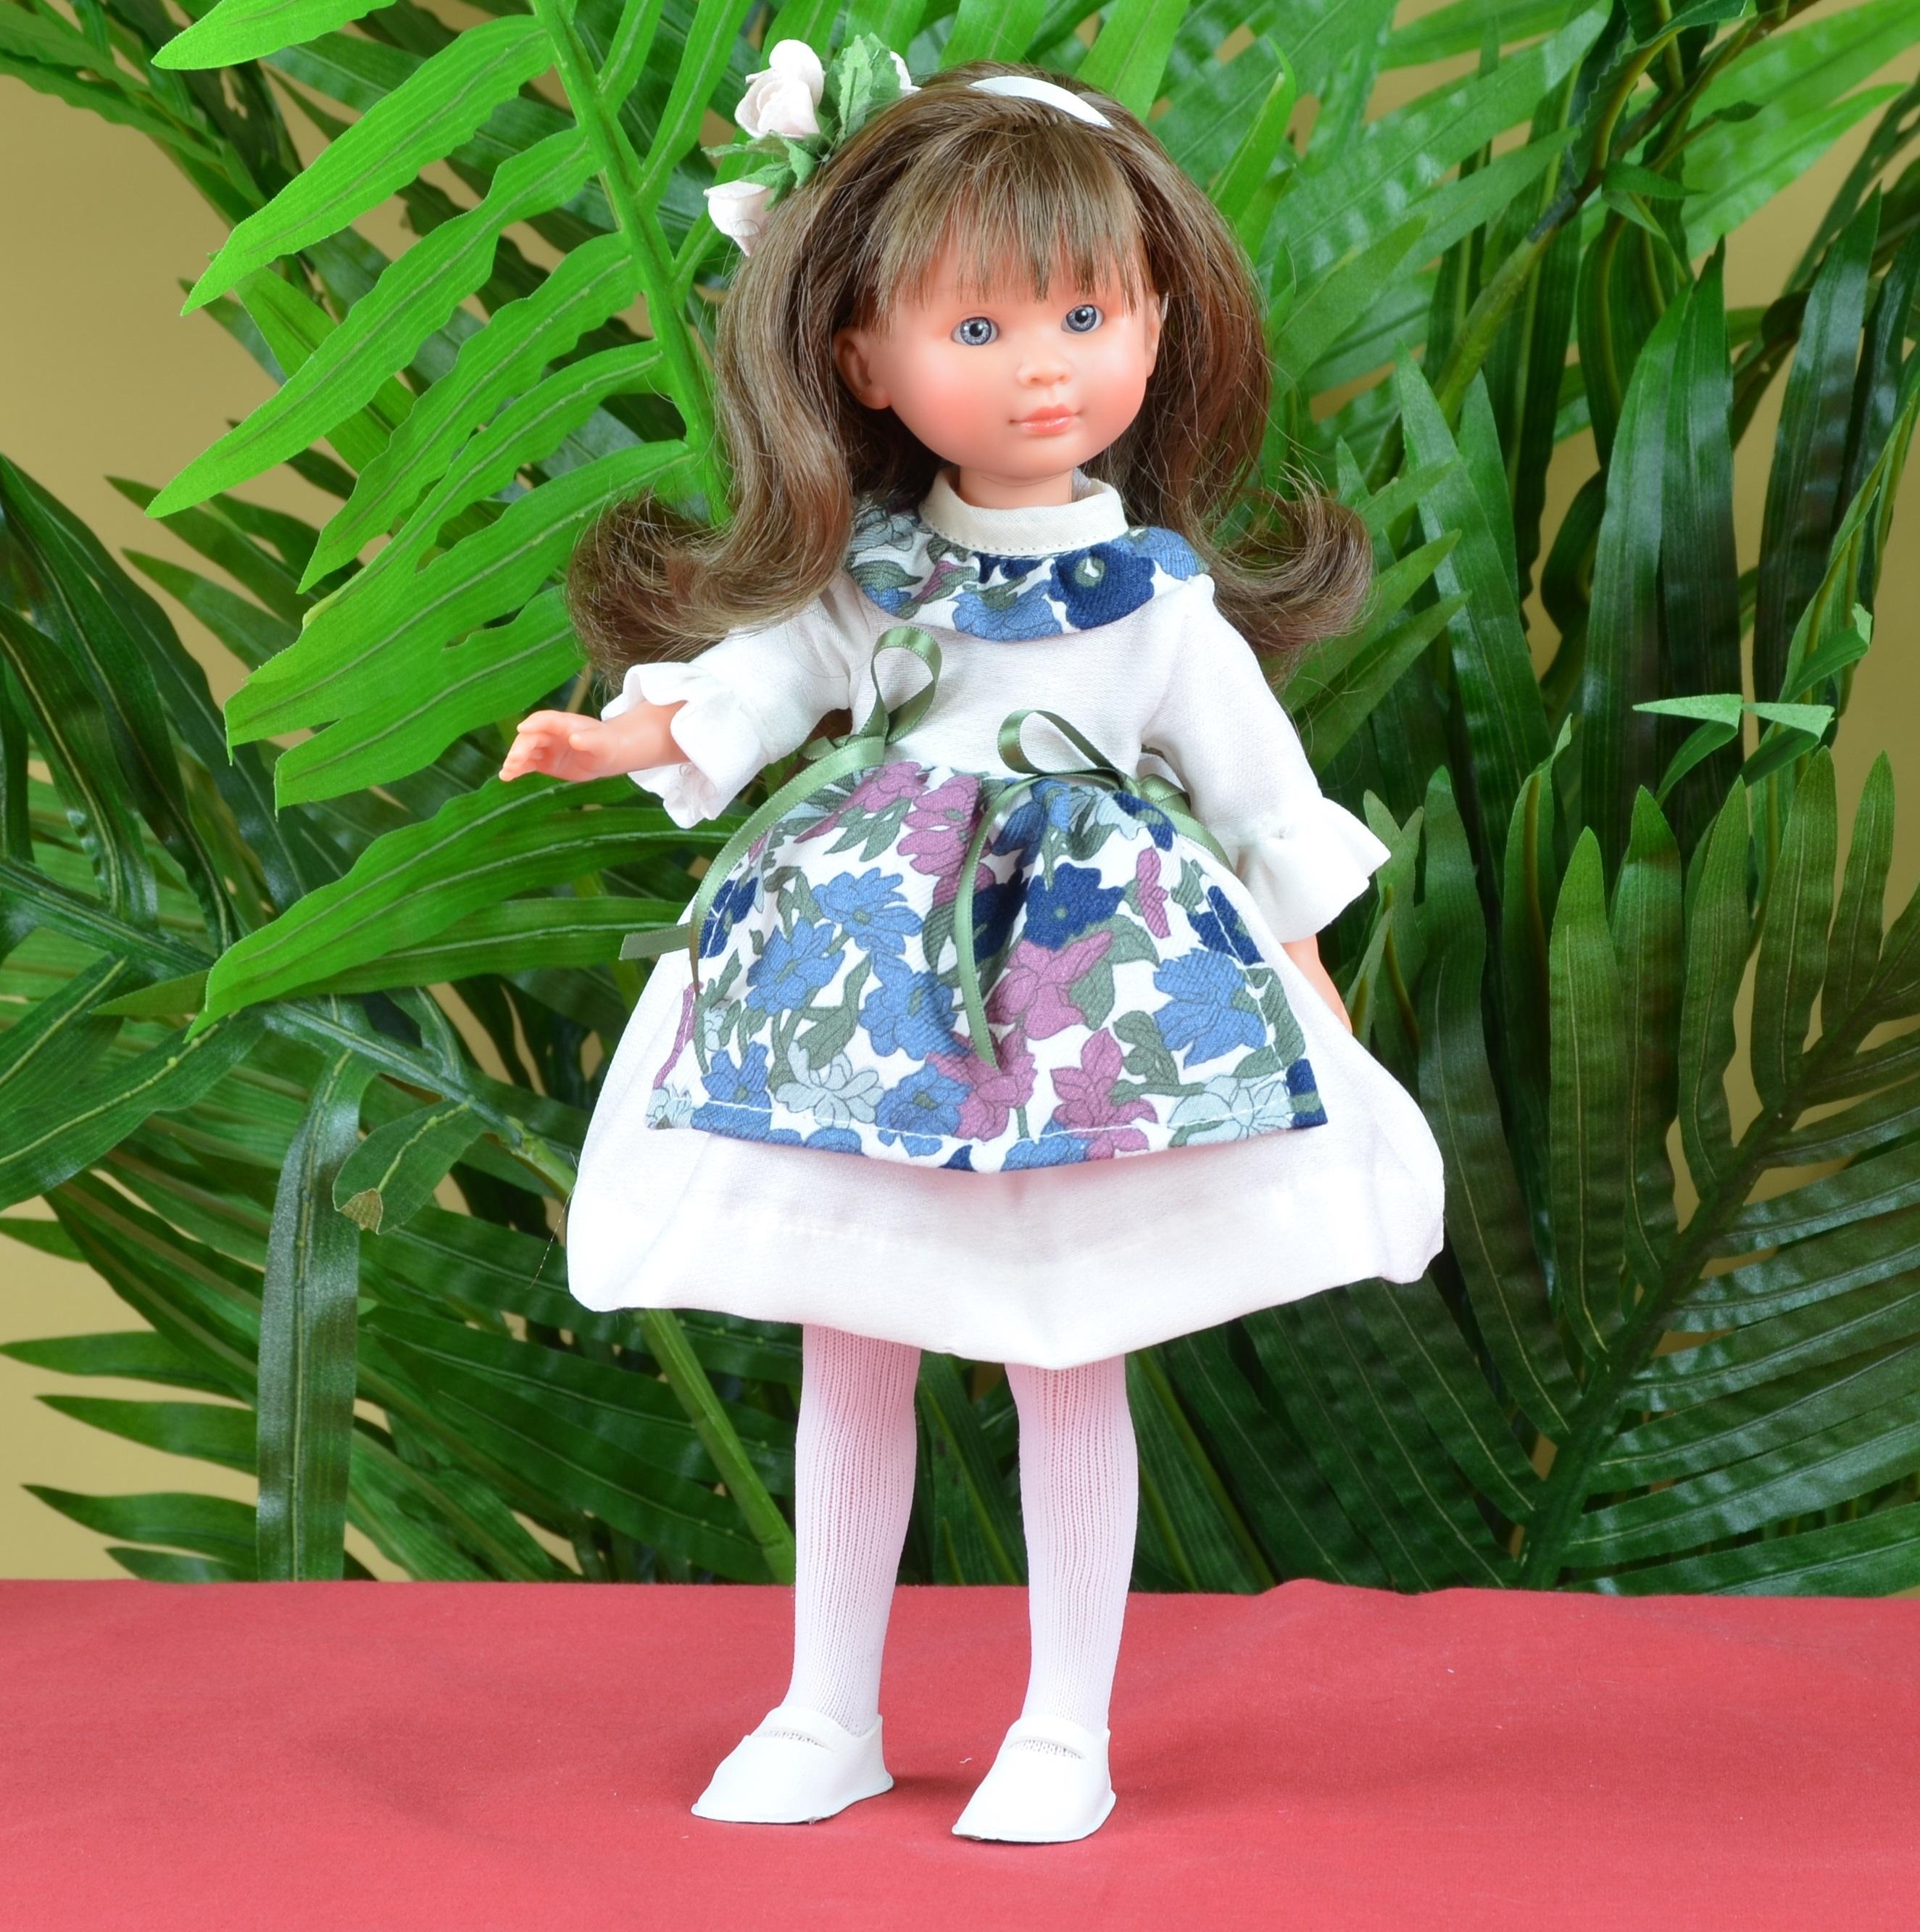 Кукла Селия в платье с цветным фартуком, 30 см.Куклы ASI (Испания)<br>Кукла Селия в платье с цветным фартуком, 30 см.<br>